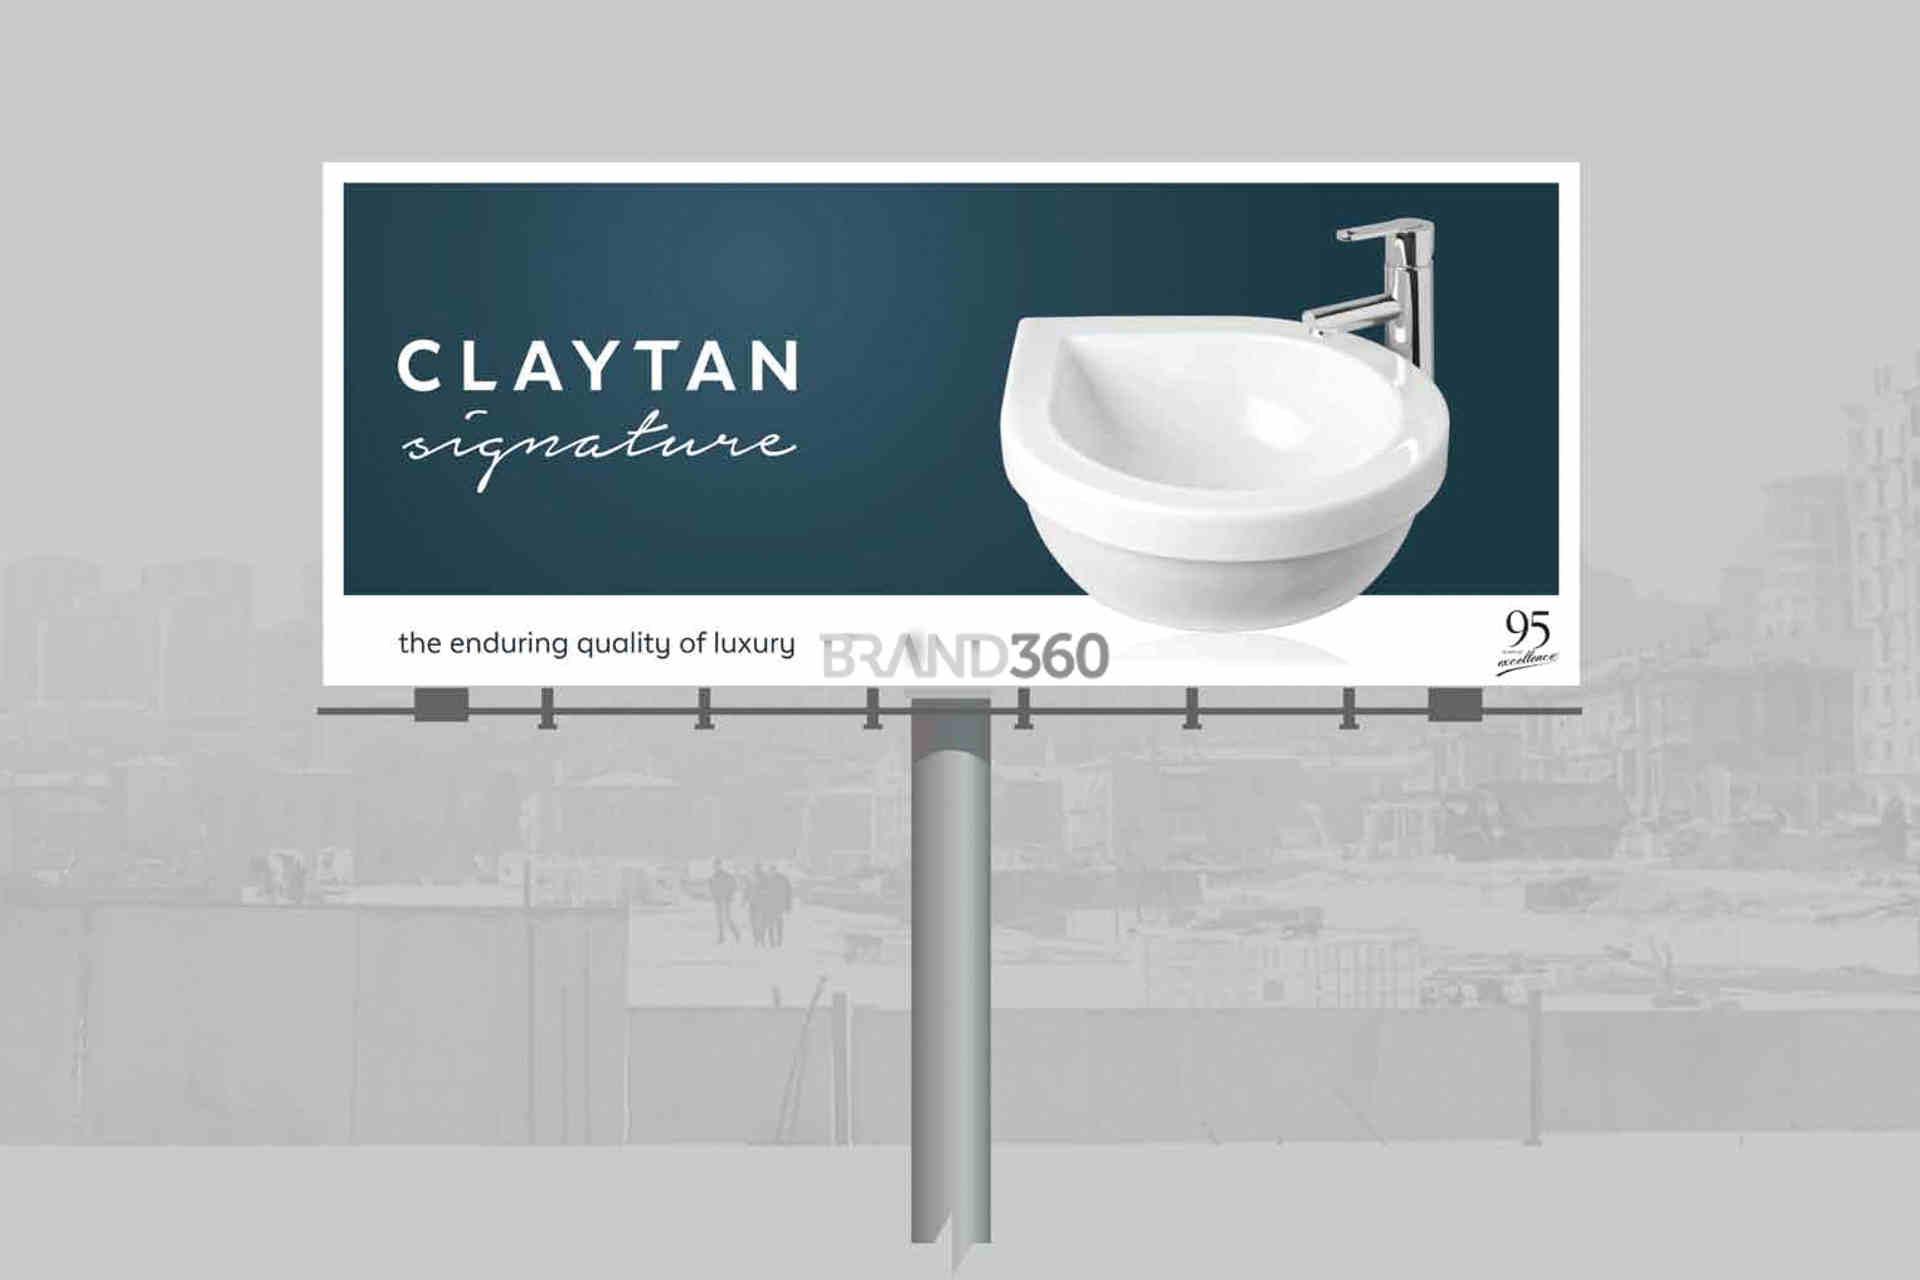 Claytan Signature